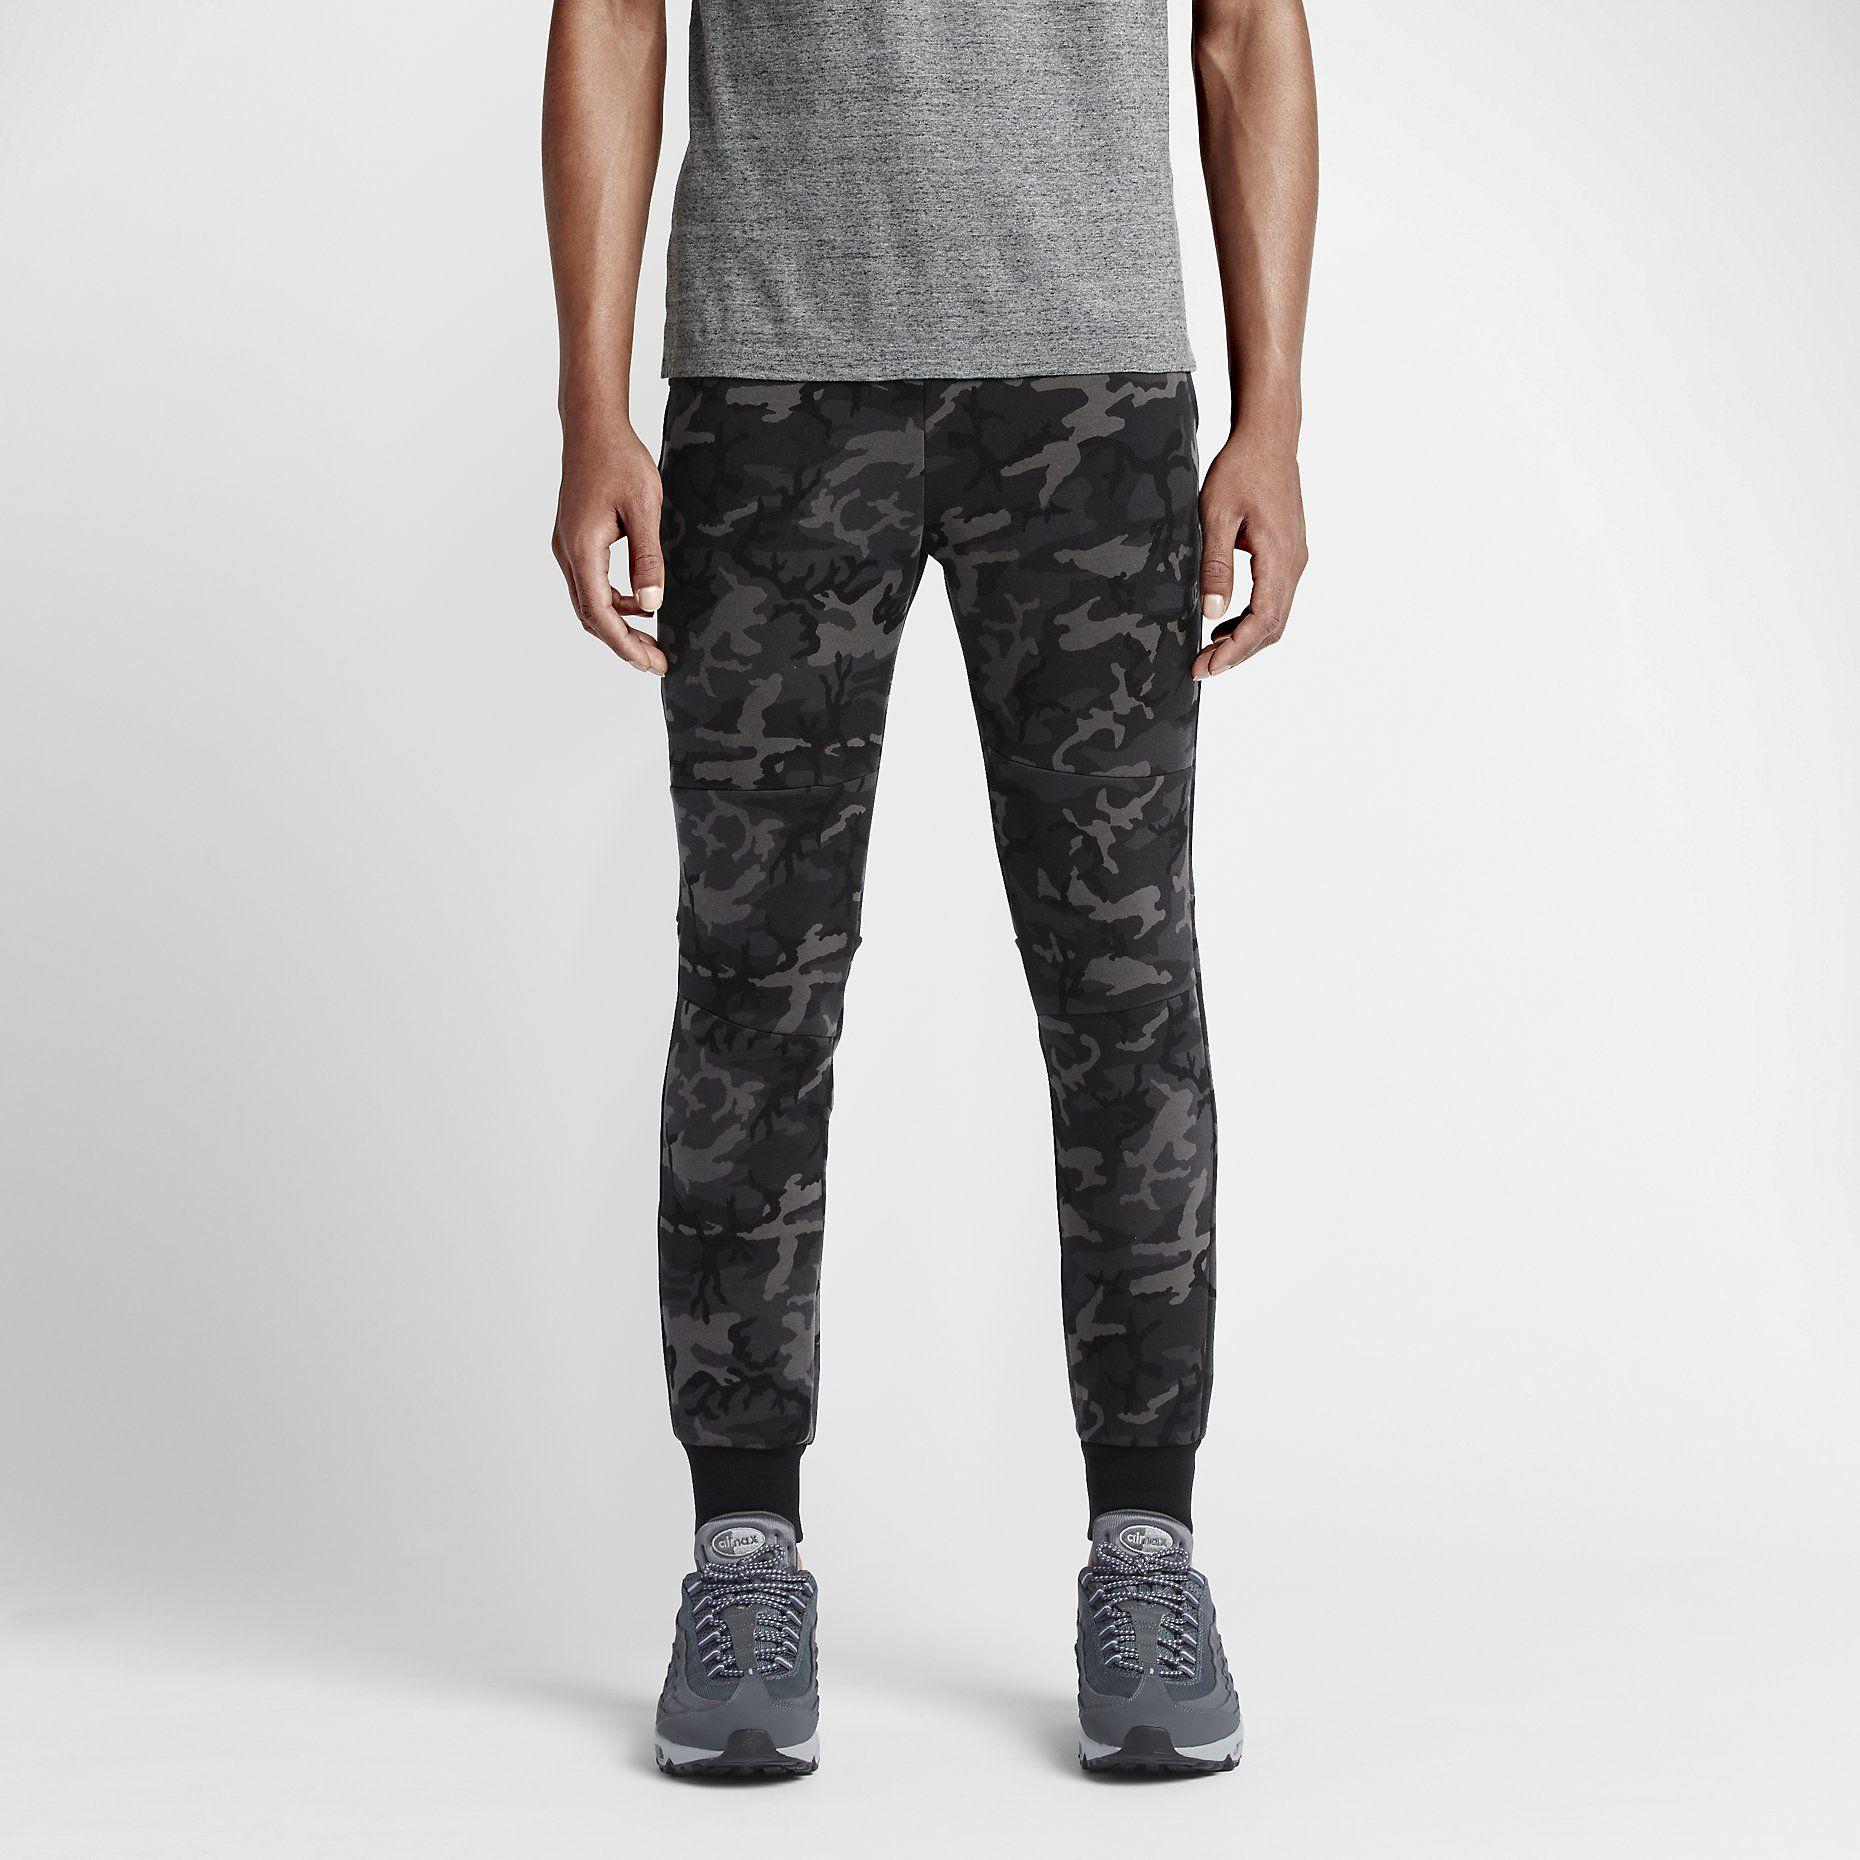 Nike Tech Fleece Camo Nike tech fleece, Camo men, Tech